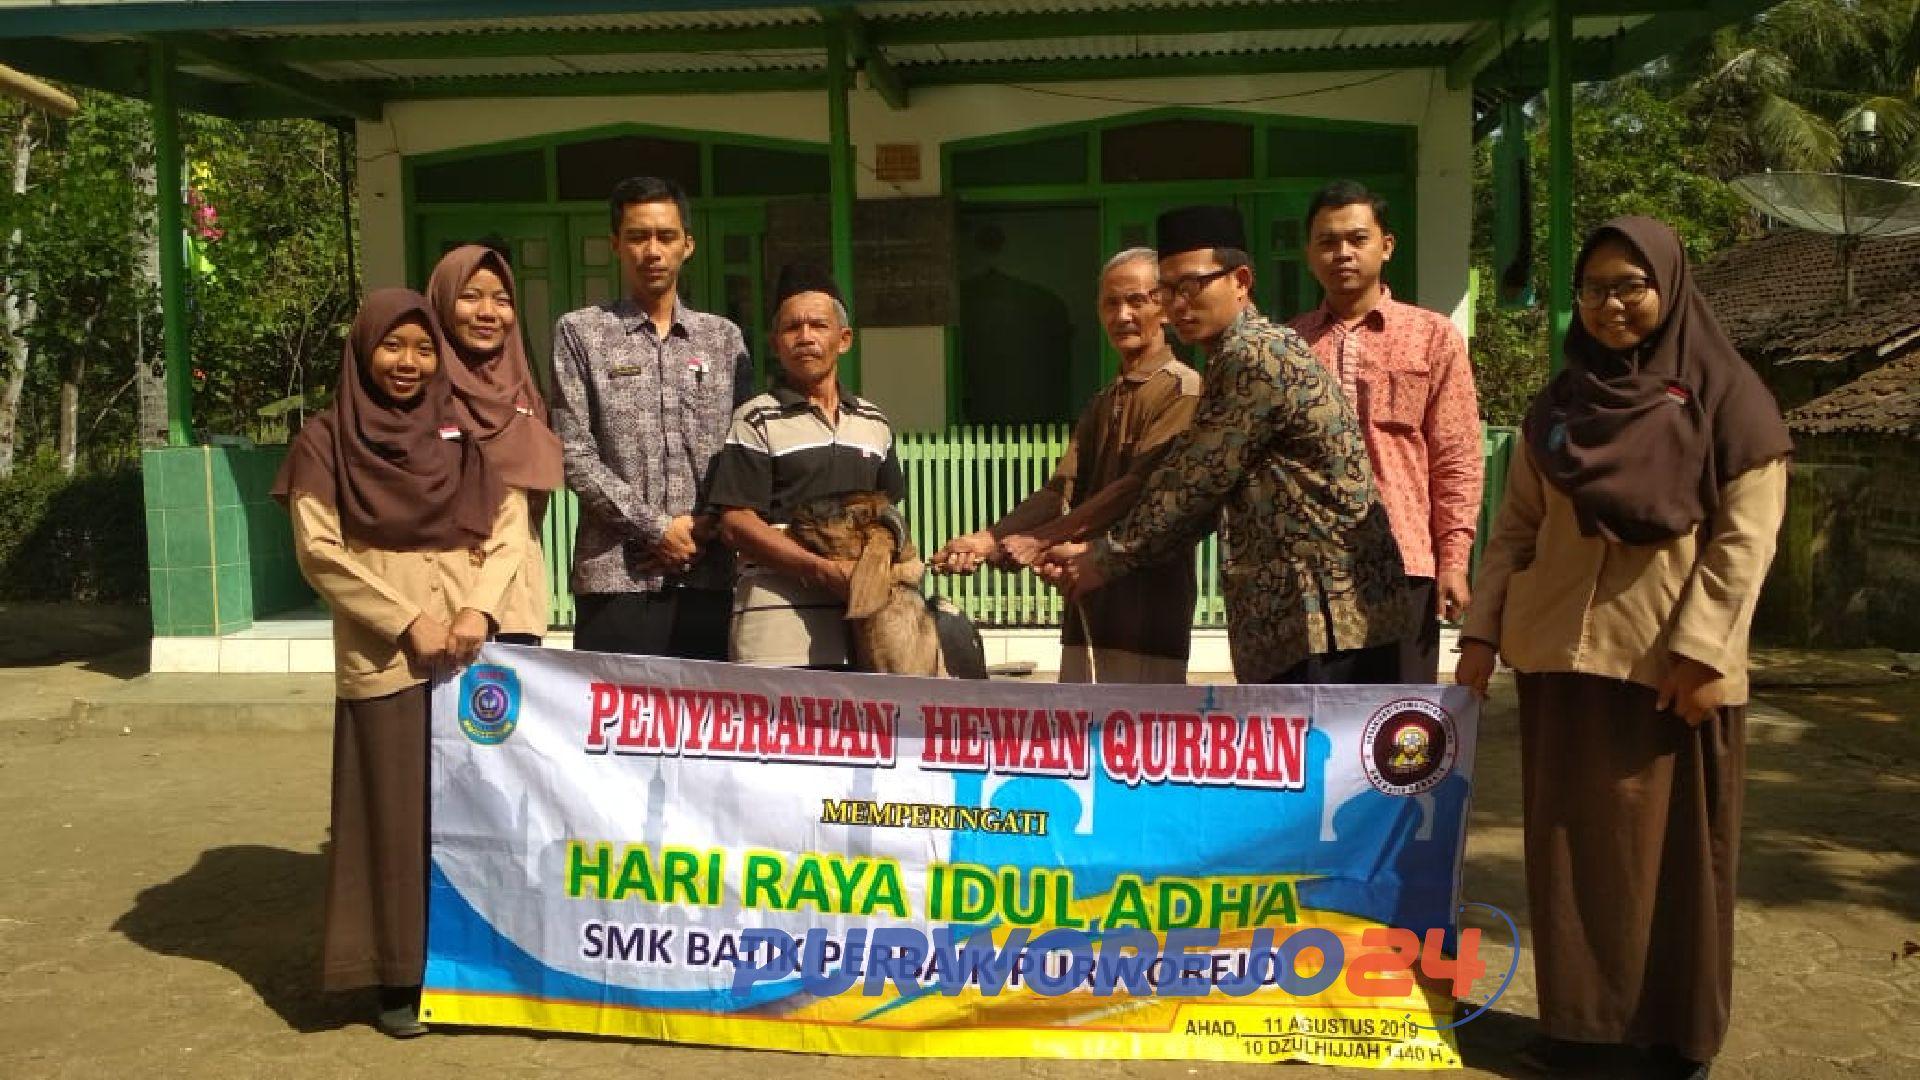 Penyerahan hewan kurban oleh SMK Batik Perbaik Purworejo